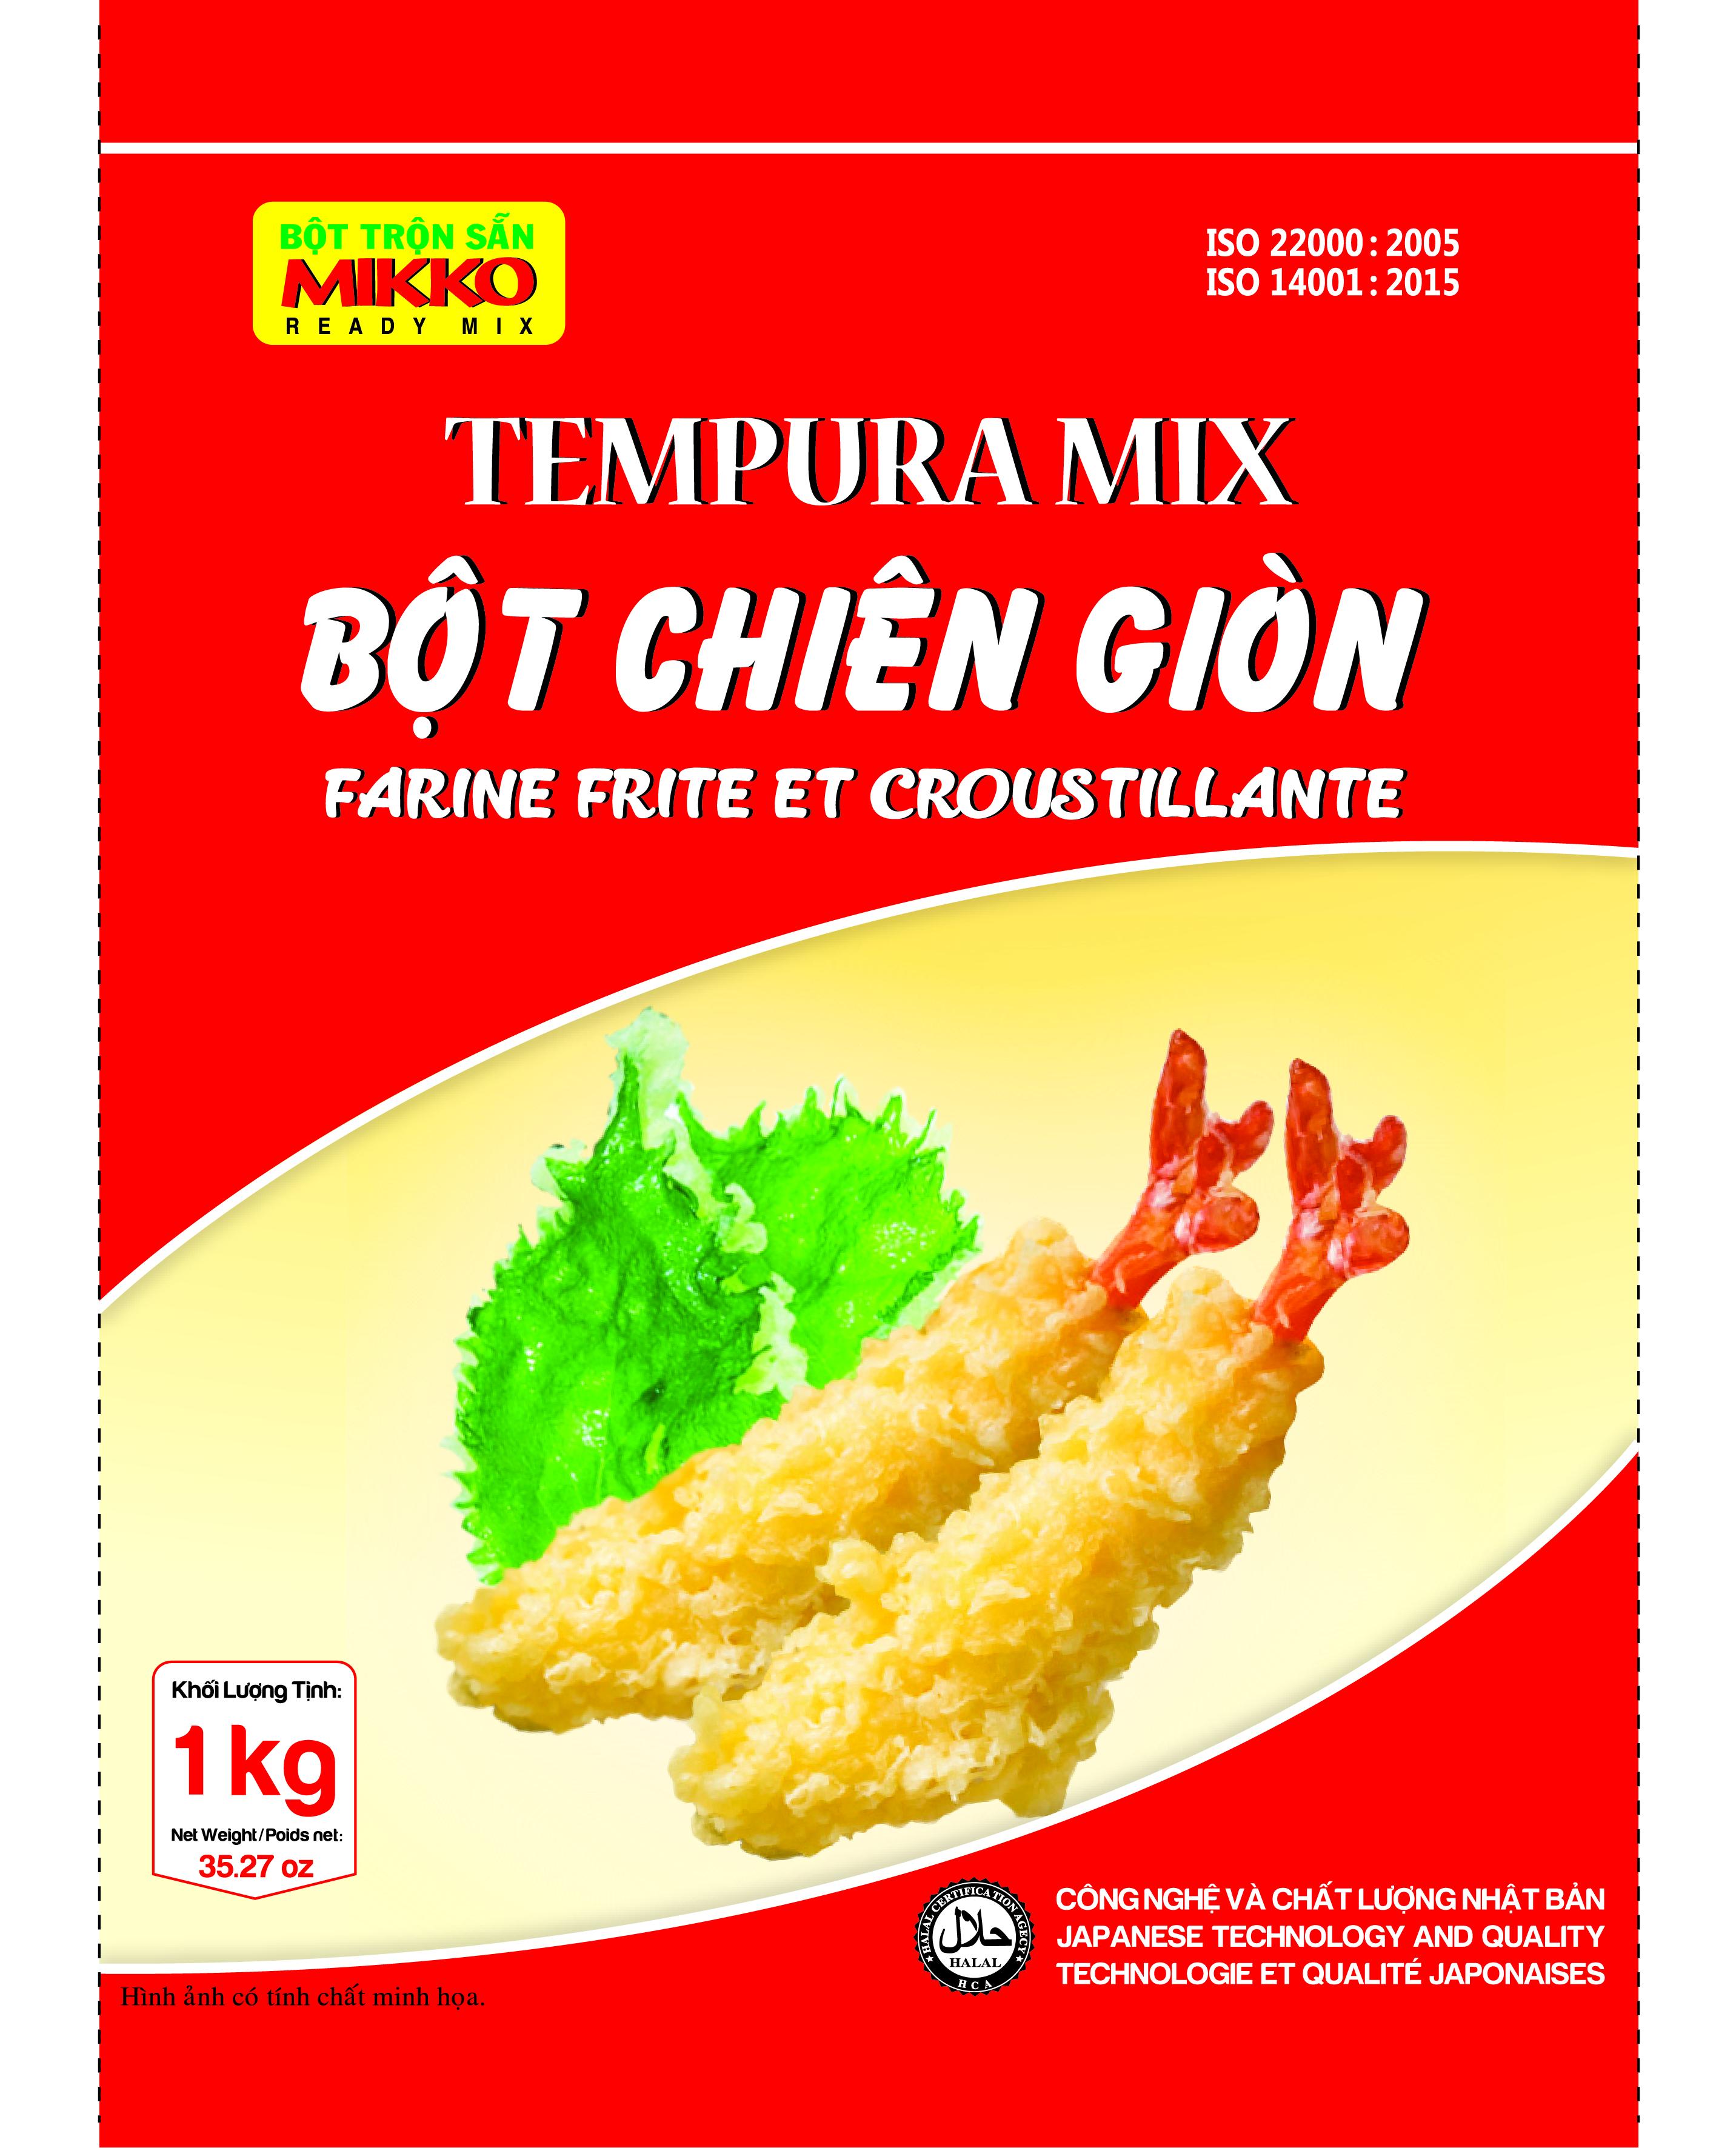 bot-chien-gion-mikko-1kg